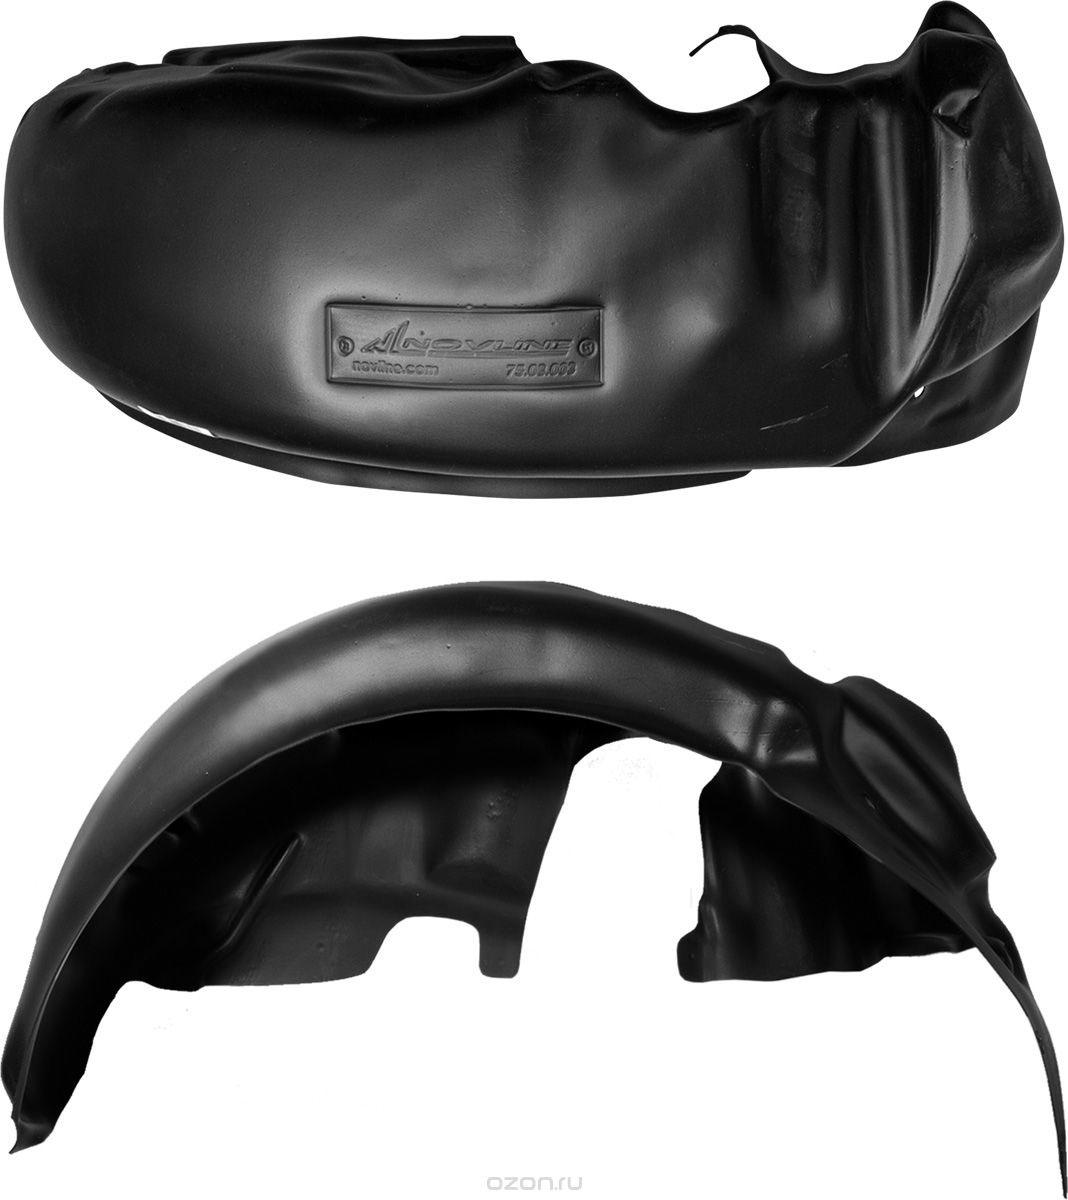 Подкрылок Novline-Autofamily, для PEUGEOT Boxer 2006-> с расширителями арок, передний левый44005003Идеальная защита колесной ниши. Локеры разработаны с применением цифровых технологий, гарантируют максимальную повторяемость поверхности арки. Изделия устанавливаются без нарушения лакокрасочного покрытия автомобиля, каждый подкрылок комплектуется крепежом. Уважаемые клиенты, обращаем ваше внимание, что фотографии на подкрылки универсальные и не отражают реальную форму изделия. При этом само изделие идет точно под размер указанного автомобиля.